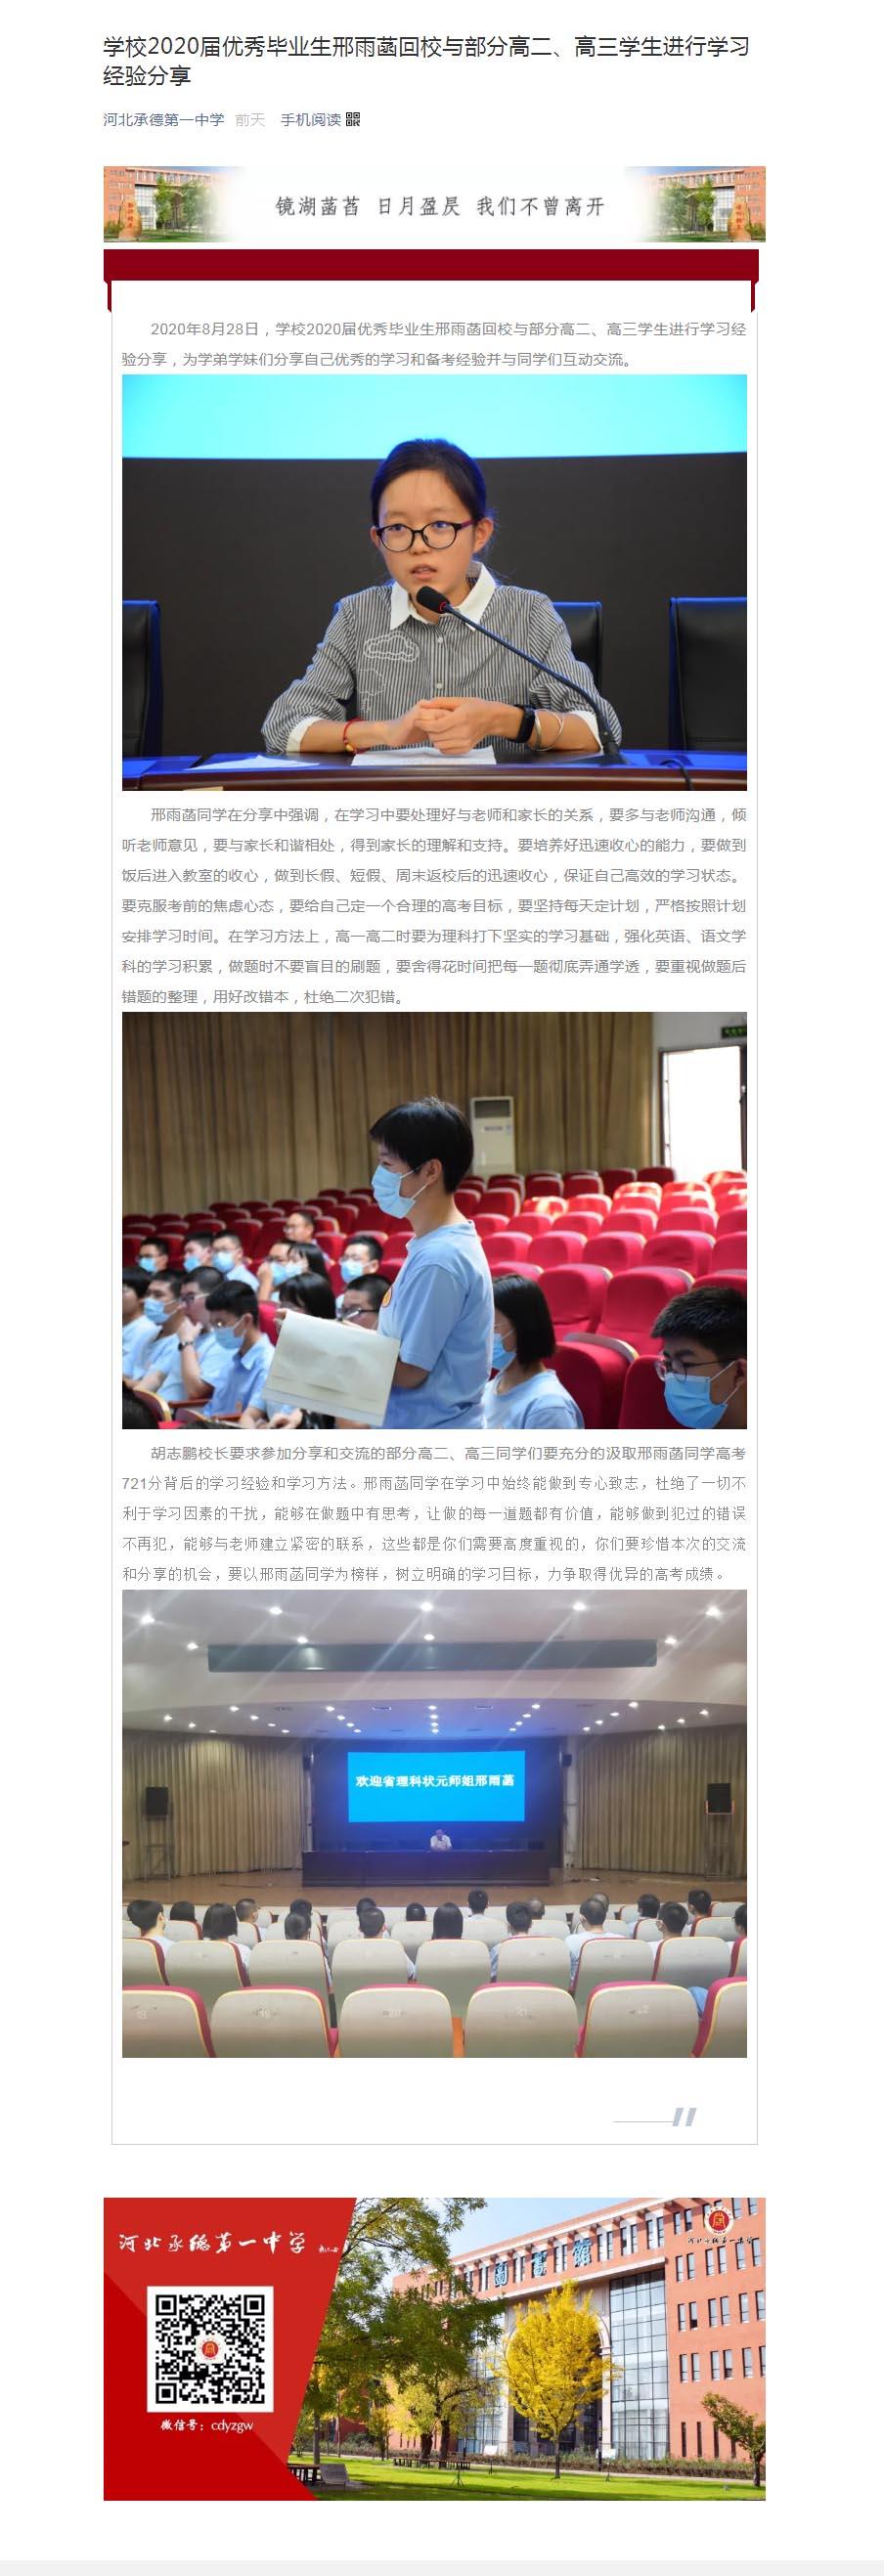 学校2020届优秀毕业生邢雨菡回校与部分高二、高三学生进行学习经验分享.jpg